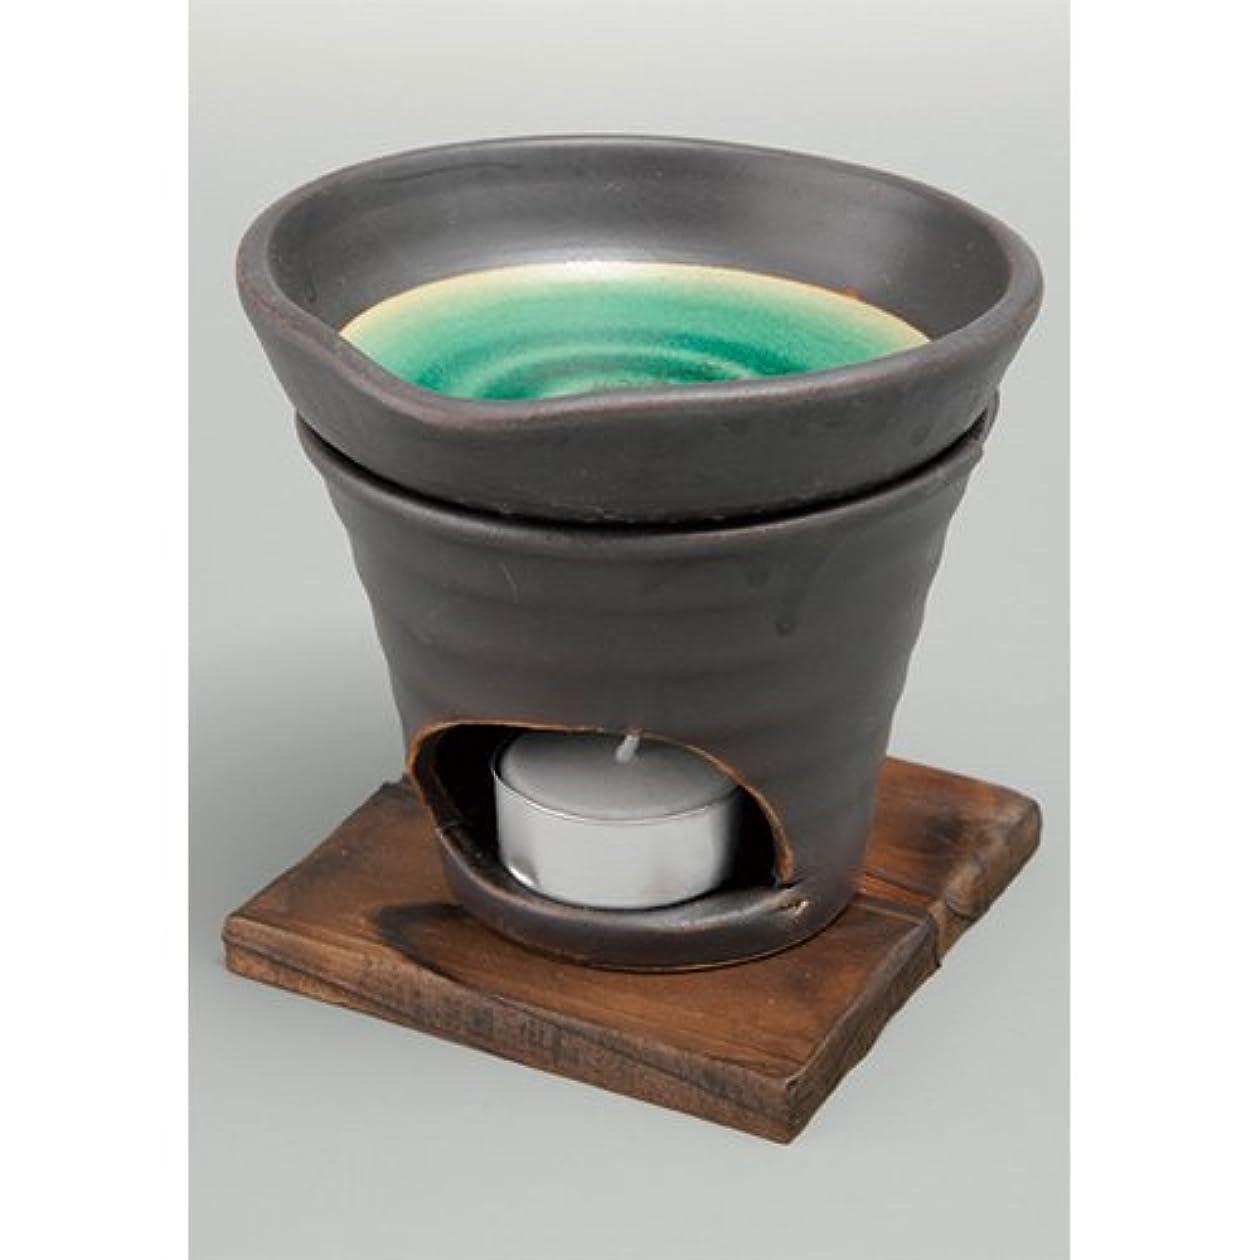 まあ時間長椅子香炉 黒釉 茶香炉(緑) [R11.8xH11.5cm] HANDMADE プレゼント ギフト 和食器 かわいい インテリア